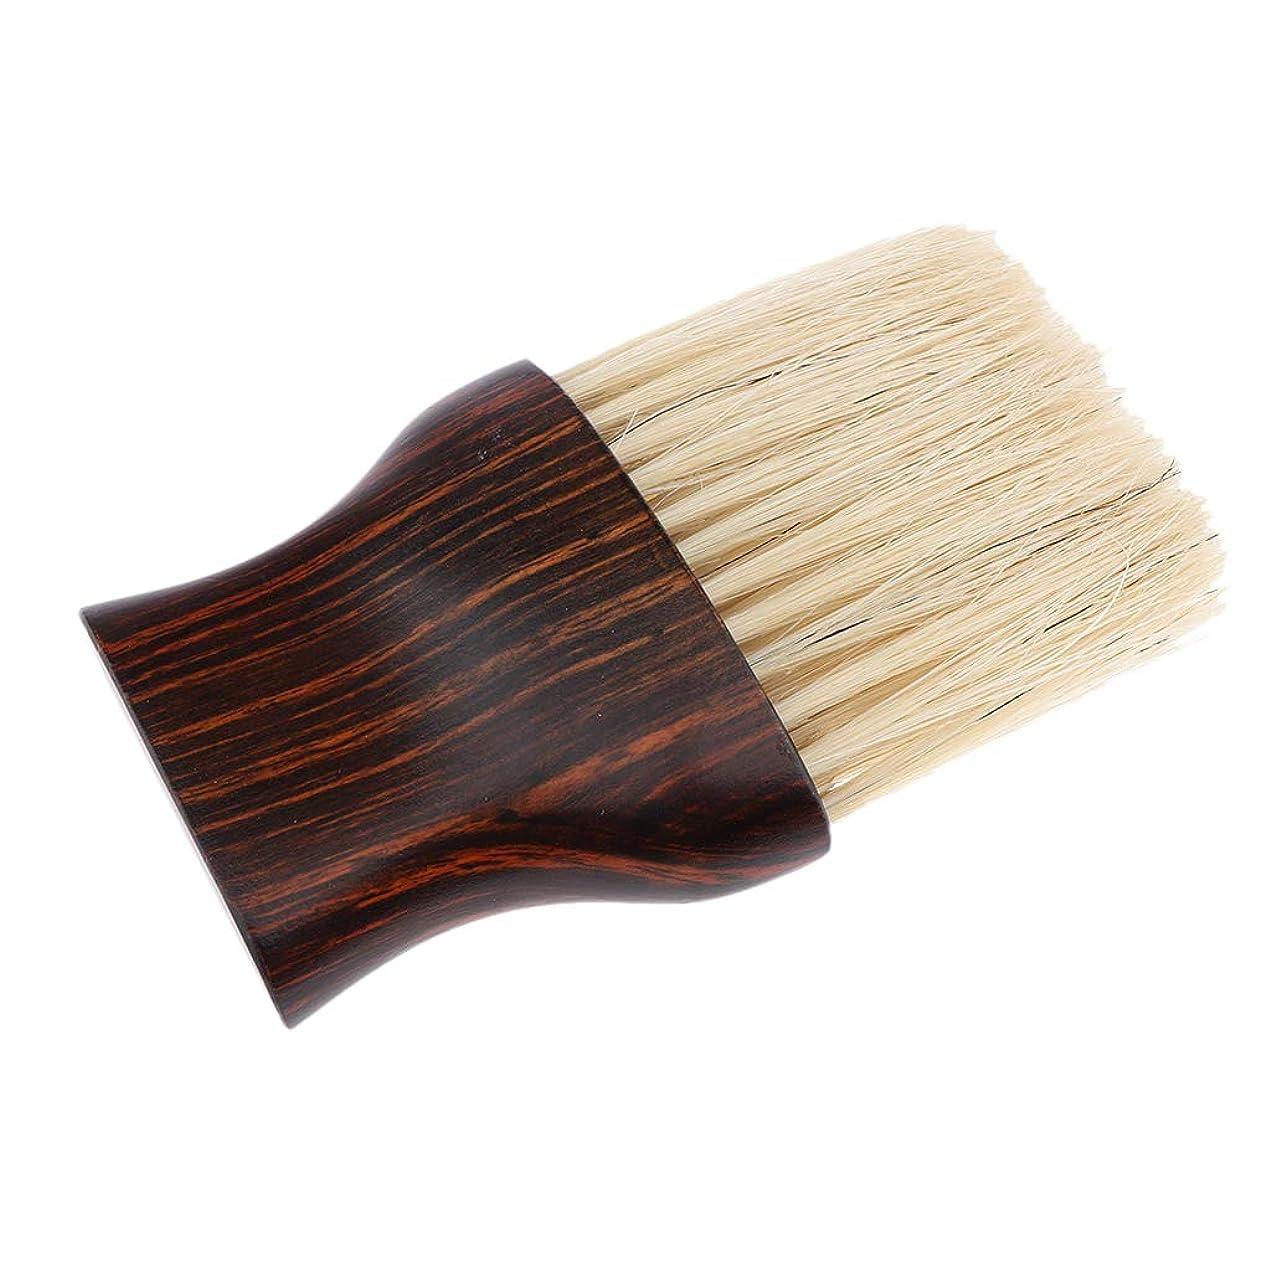 発行する小切手恐竜T TOOYFUL ヘアブラシ 毛払いブラシ 散髪 髪切り 散髪用ツール 床屋 理髪店 美容院 ソフトブラシ